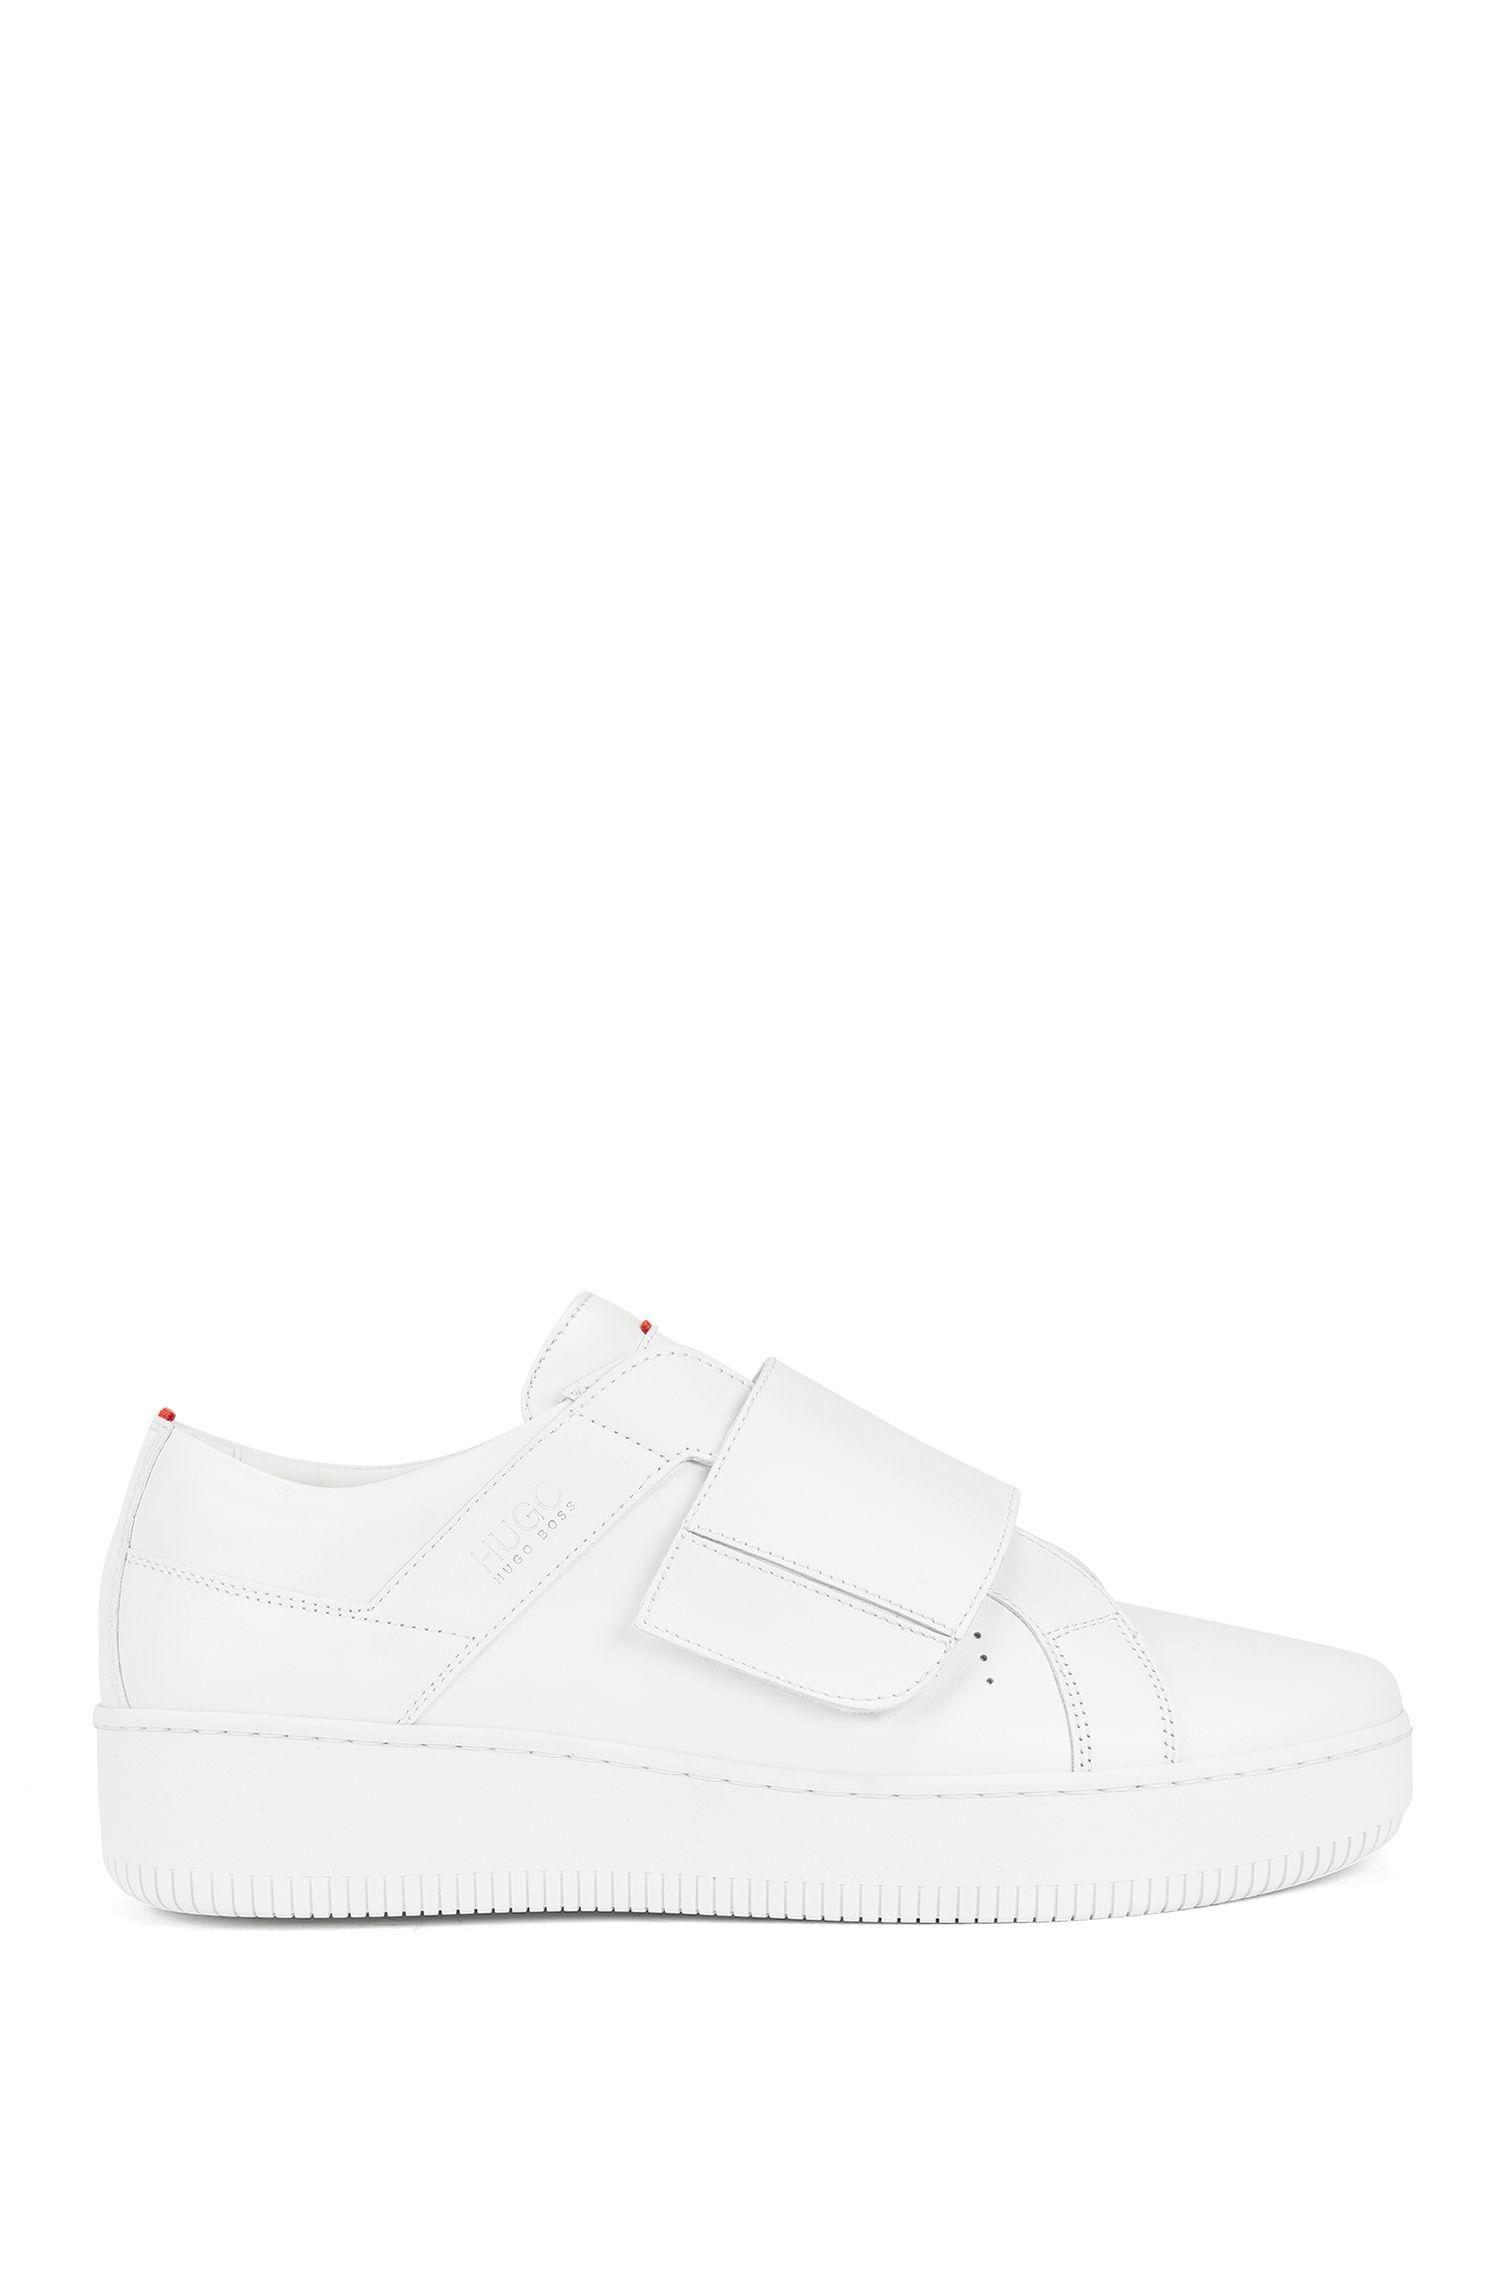 Sneakers aus italienischem Leder mit Klettverschluss